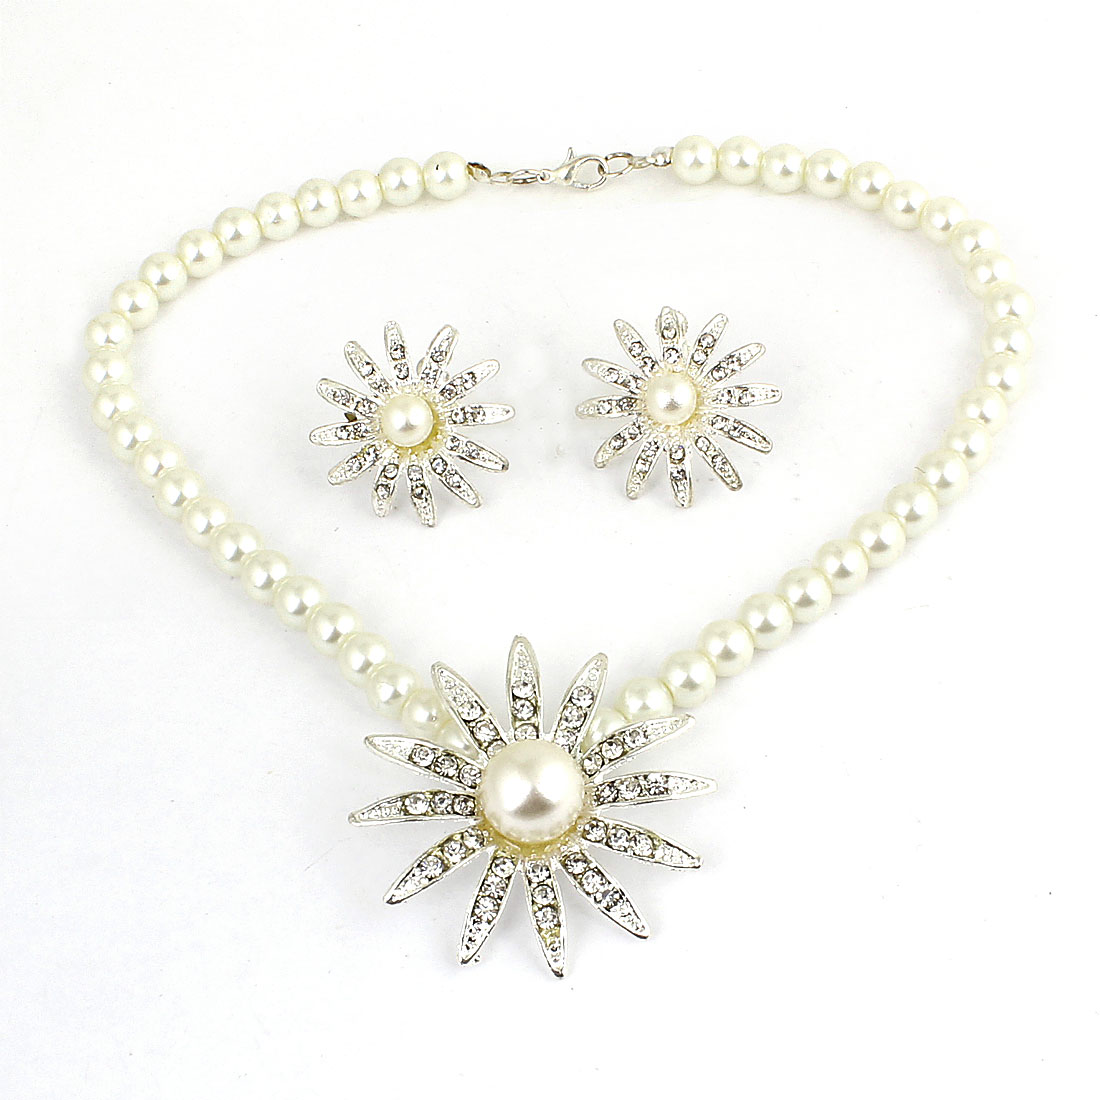 Woman Glittery Bead Flower Necklace + Rhinestone Clip Earrings